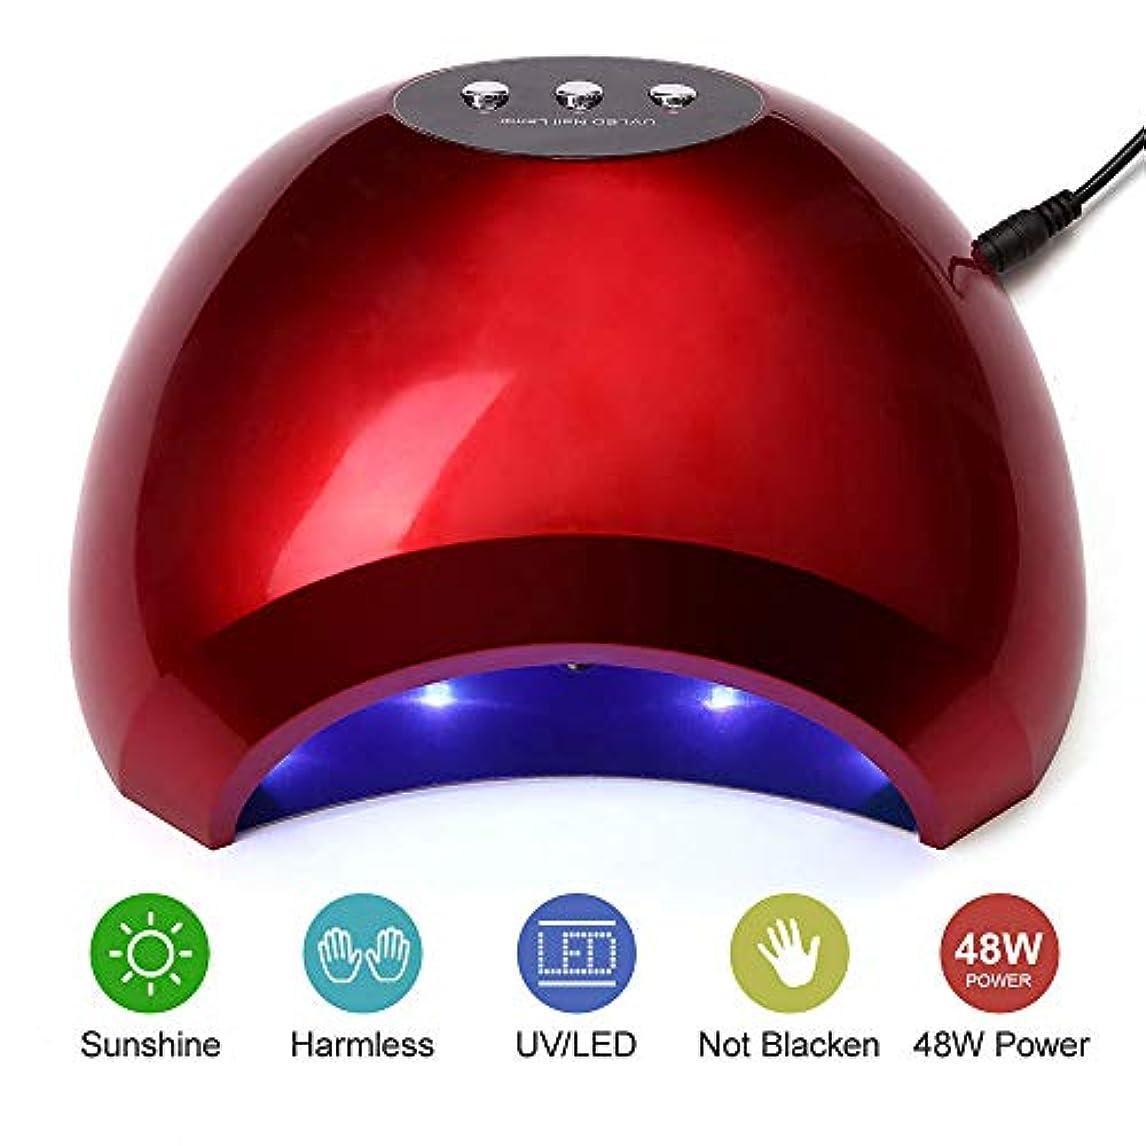 スペイン固めるアレルギー性ネイルドライヤーランプ48W UV LEDネイルキュアランプライトソークオフネイルジェルランプマニキュアペディキュアドライヤー付きセンサー高速